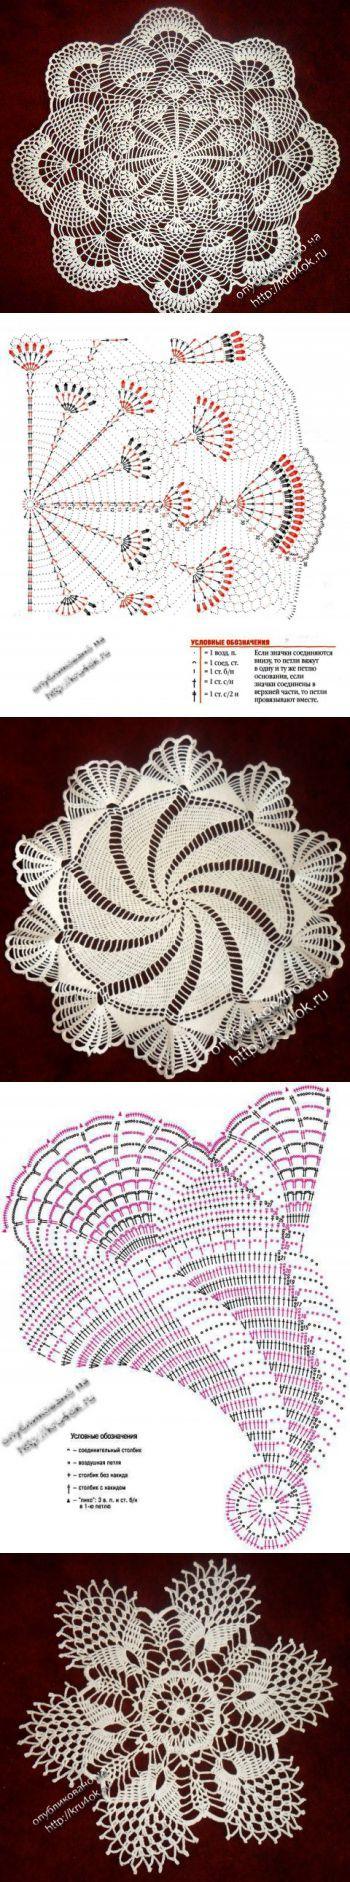 416 best tejidos images on Pinterest | Crochet edgings, Crochet ...